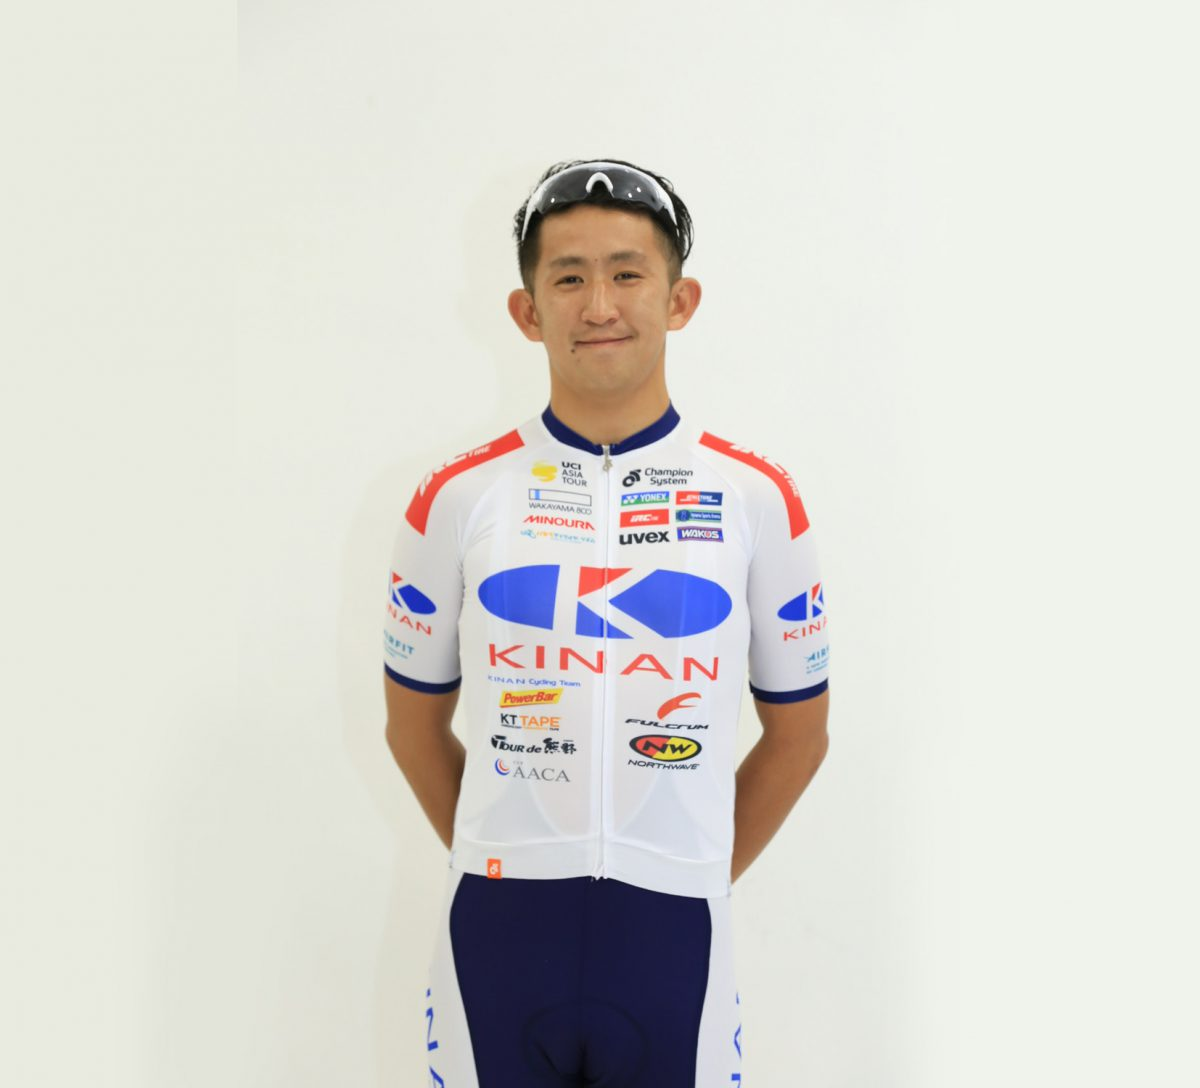 楽しくみんなで阿武隈路を走ろう!あぶくまサイクリングin鮫川&古殿  国内屈指のスプリンター「大久保陣選手」参加決定!